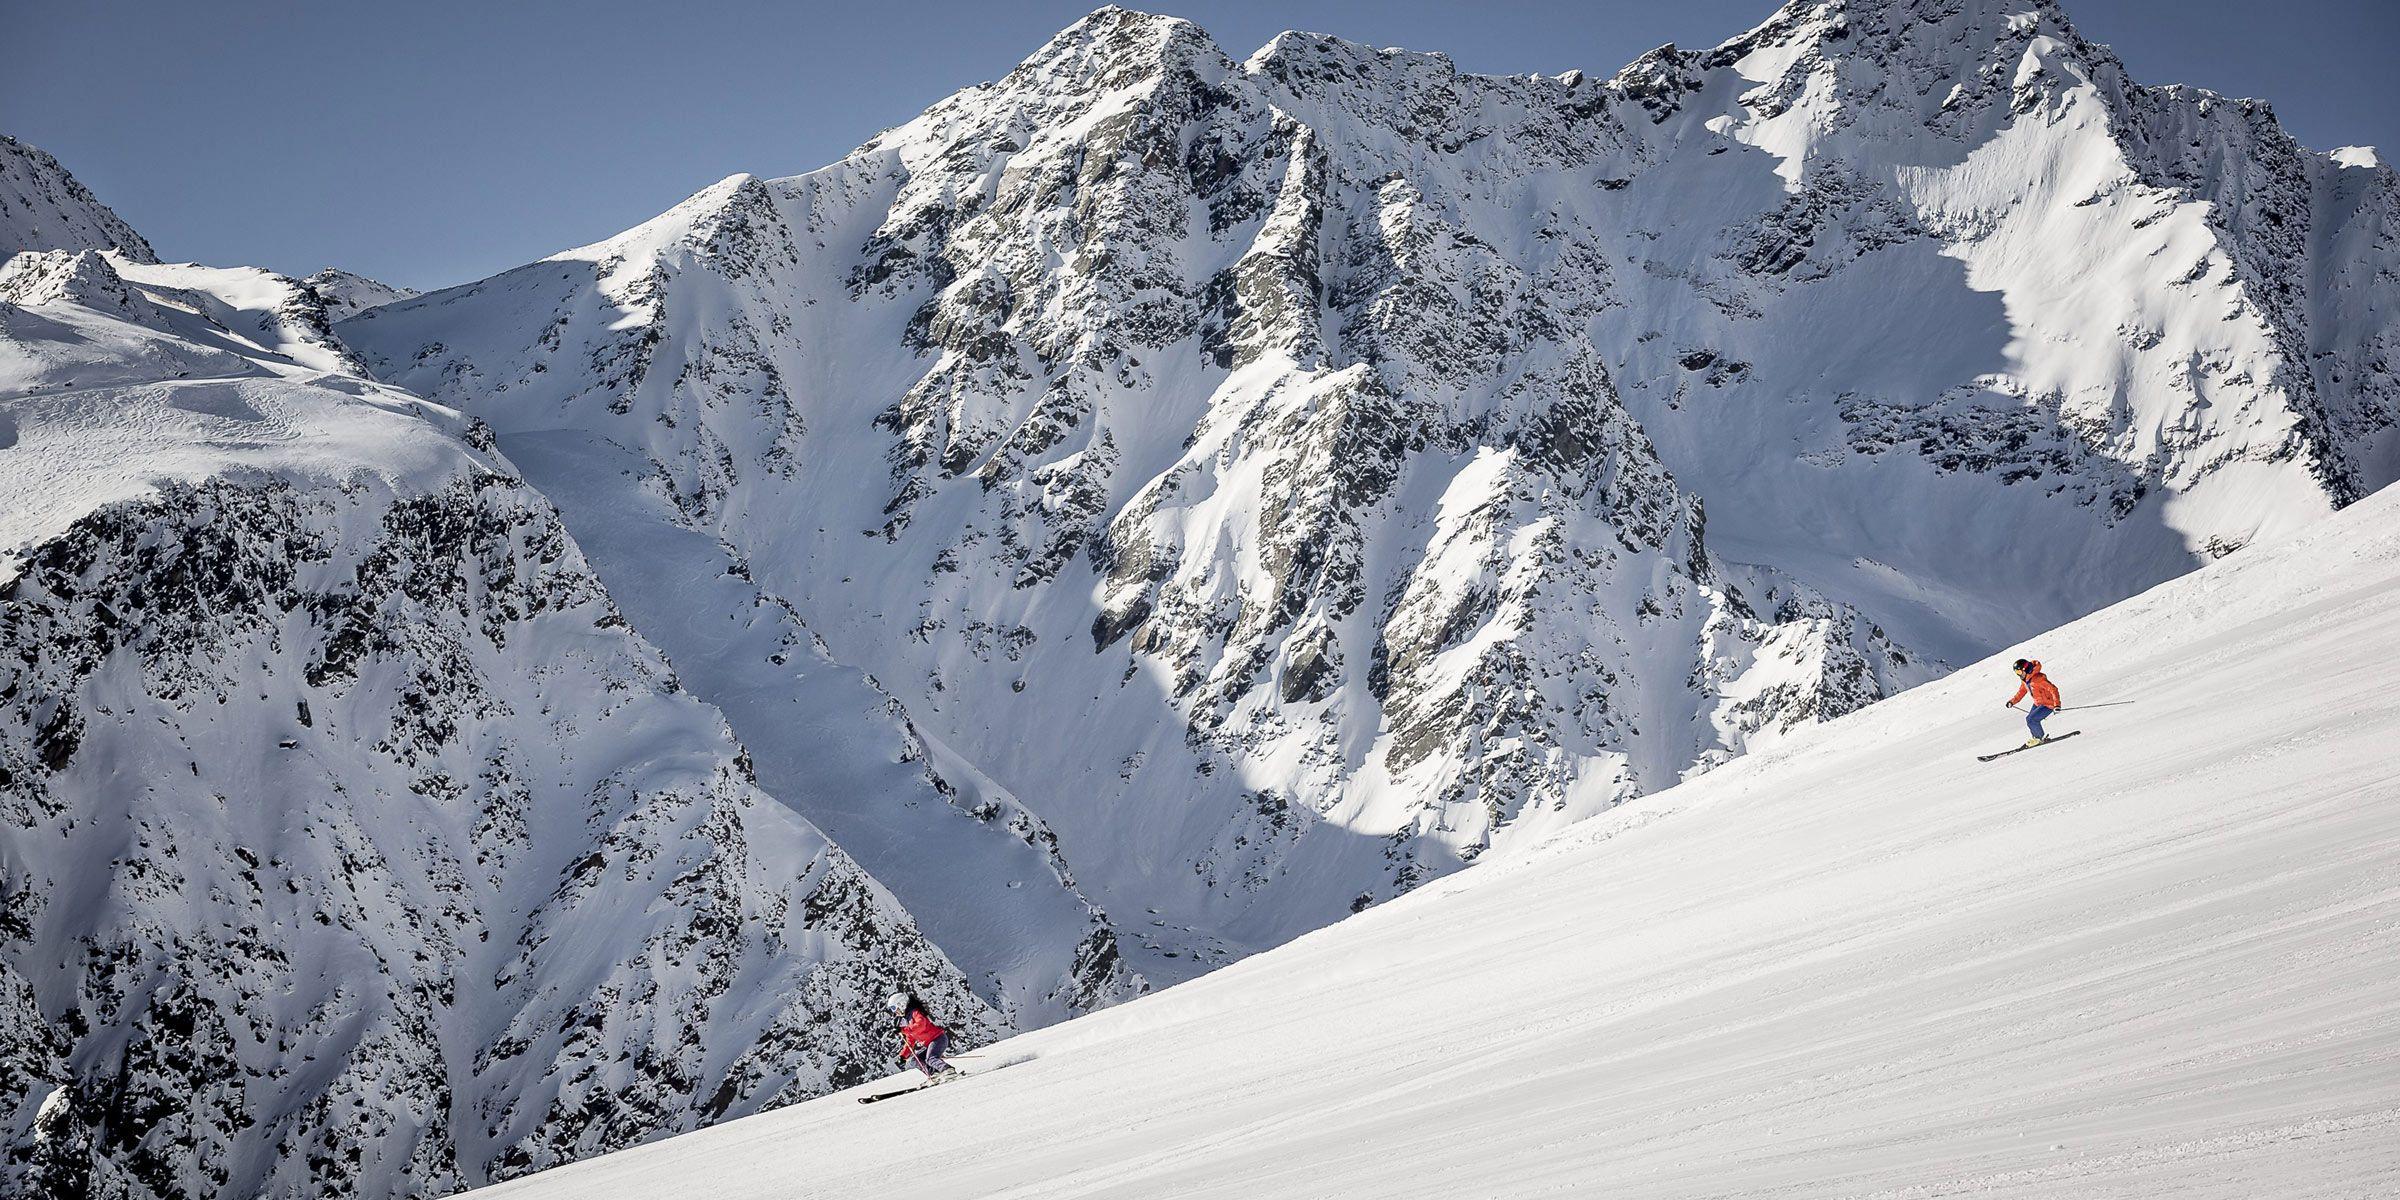 Skifahren mit perfekt präparierte Gletscherpisten in Sölden, Tirol